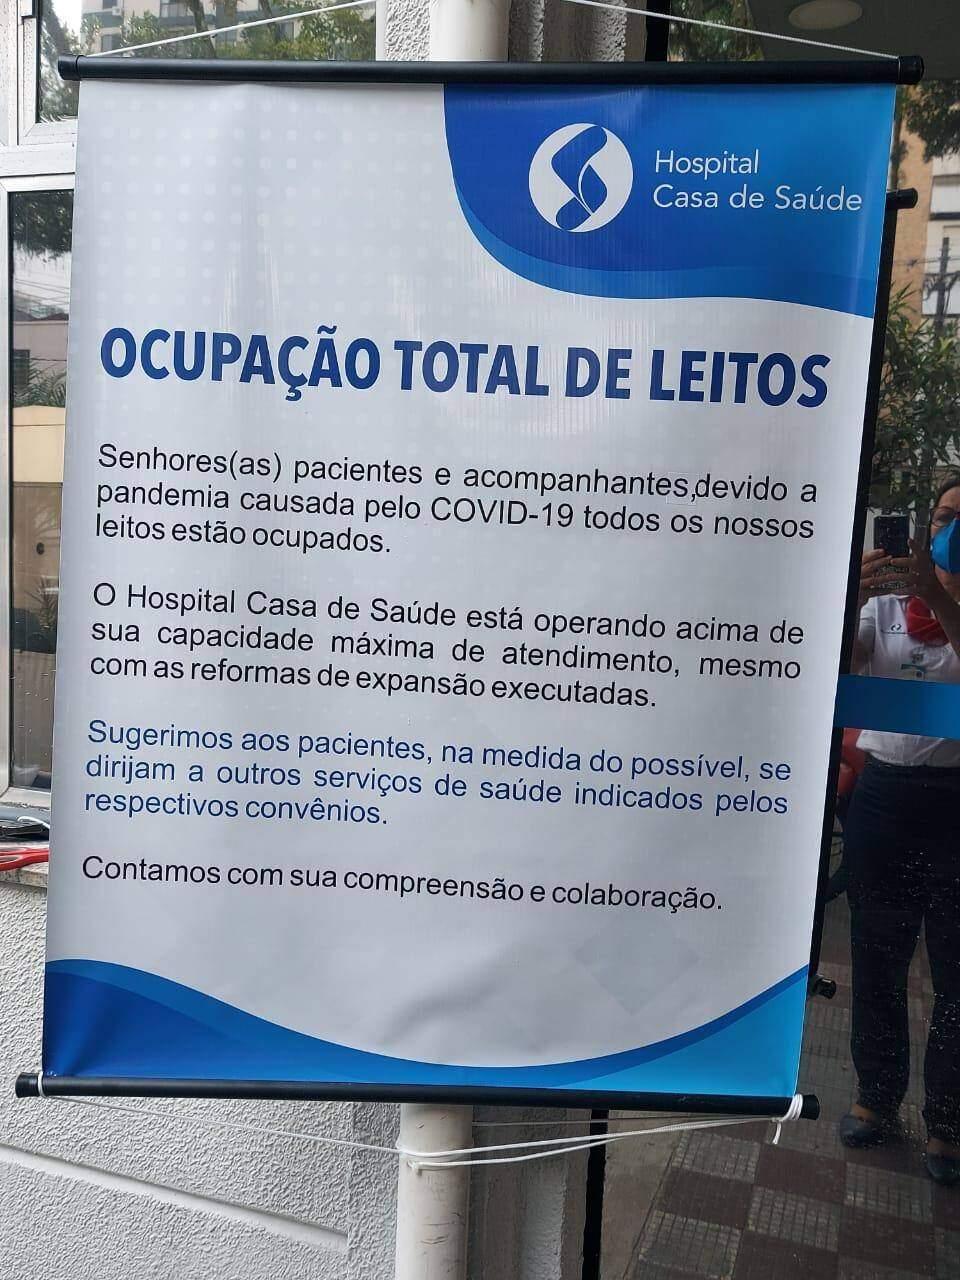 Hospital Casa de Saúde de Santos coloca cartaz em sua fachada e informa que leitos estão ocupados